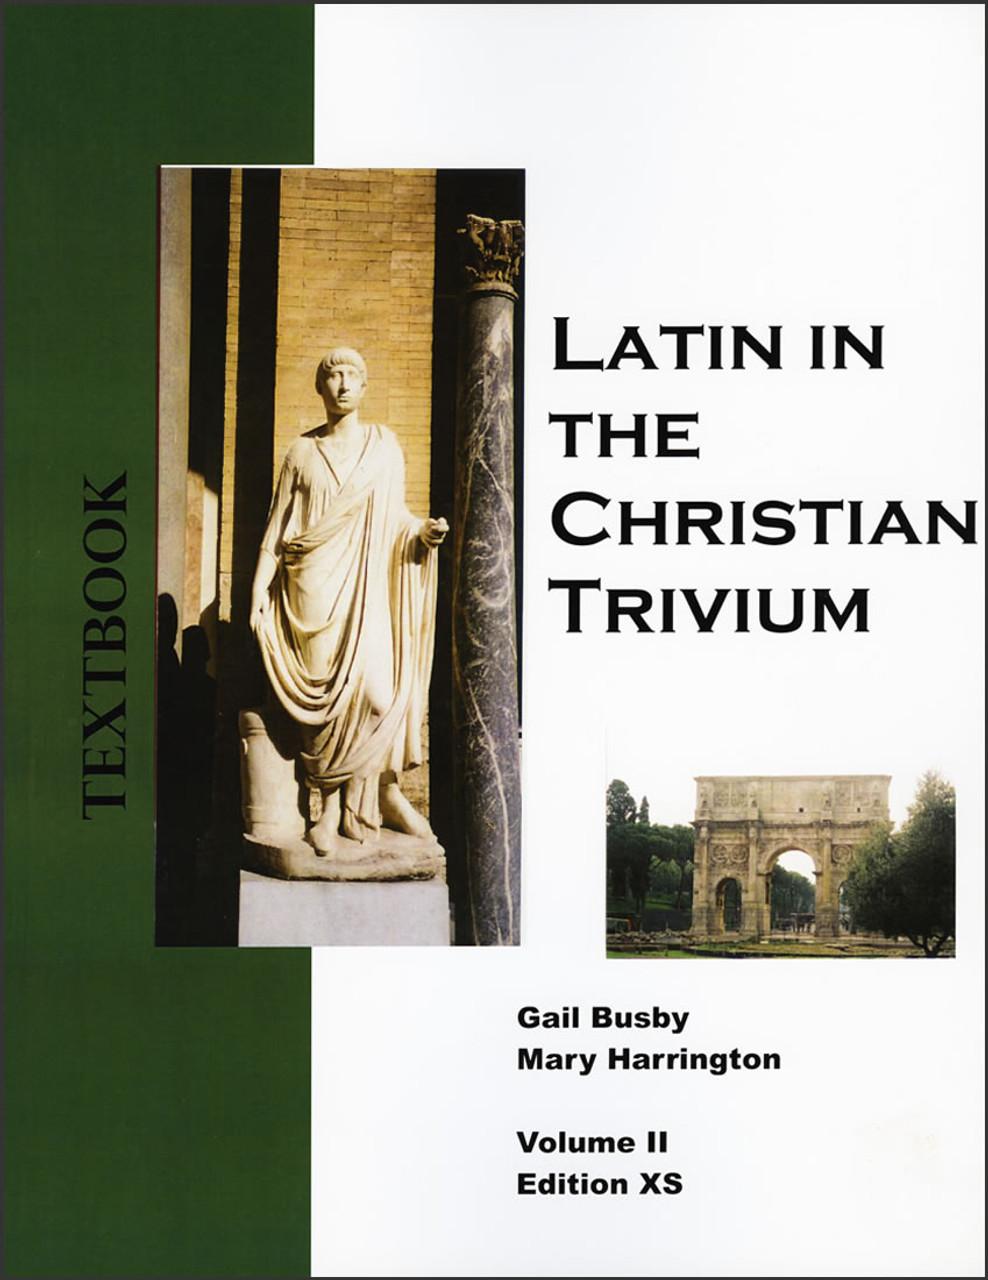 Latin in the Christian Trivium: Volume 2